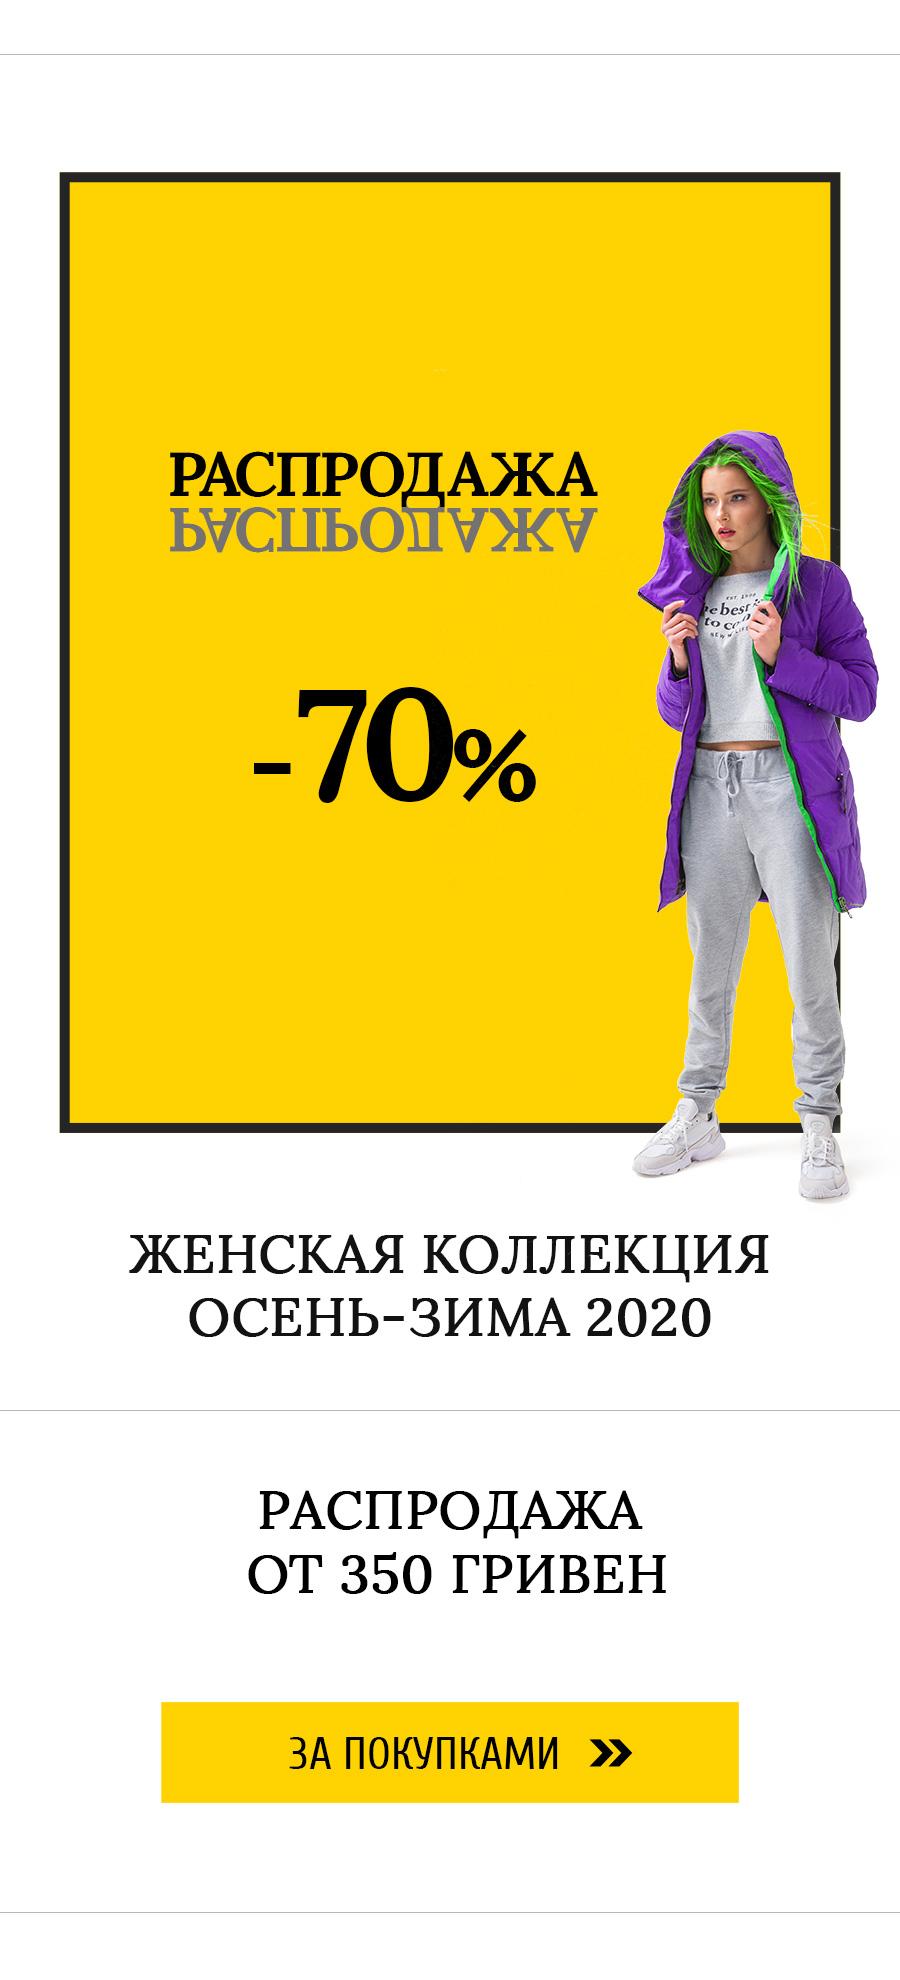 Куртки распродажа оптом